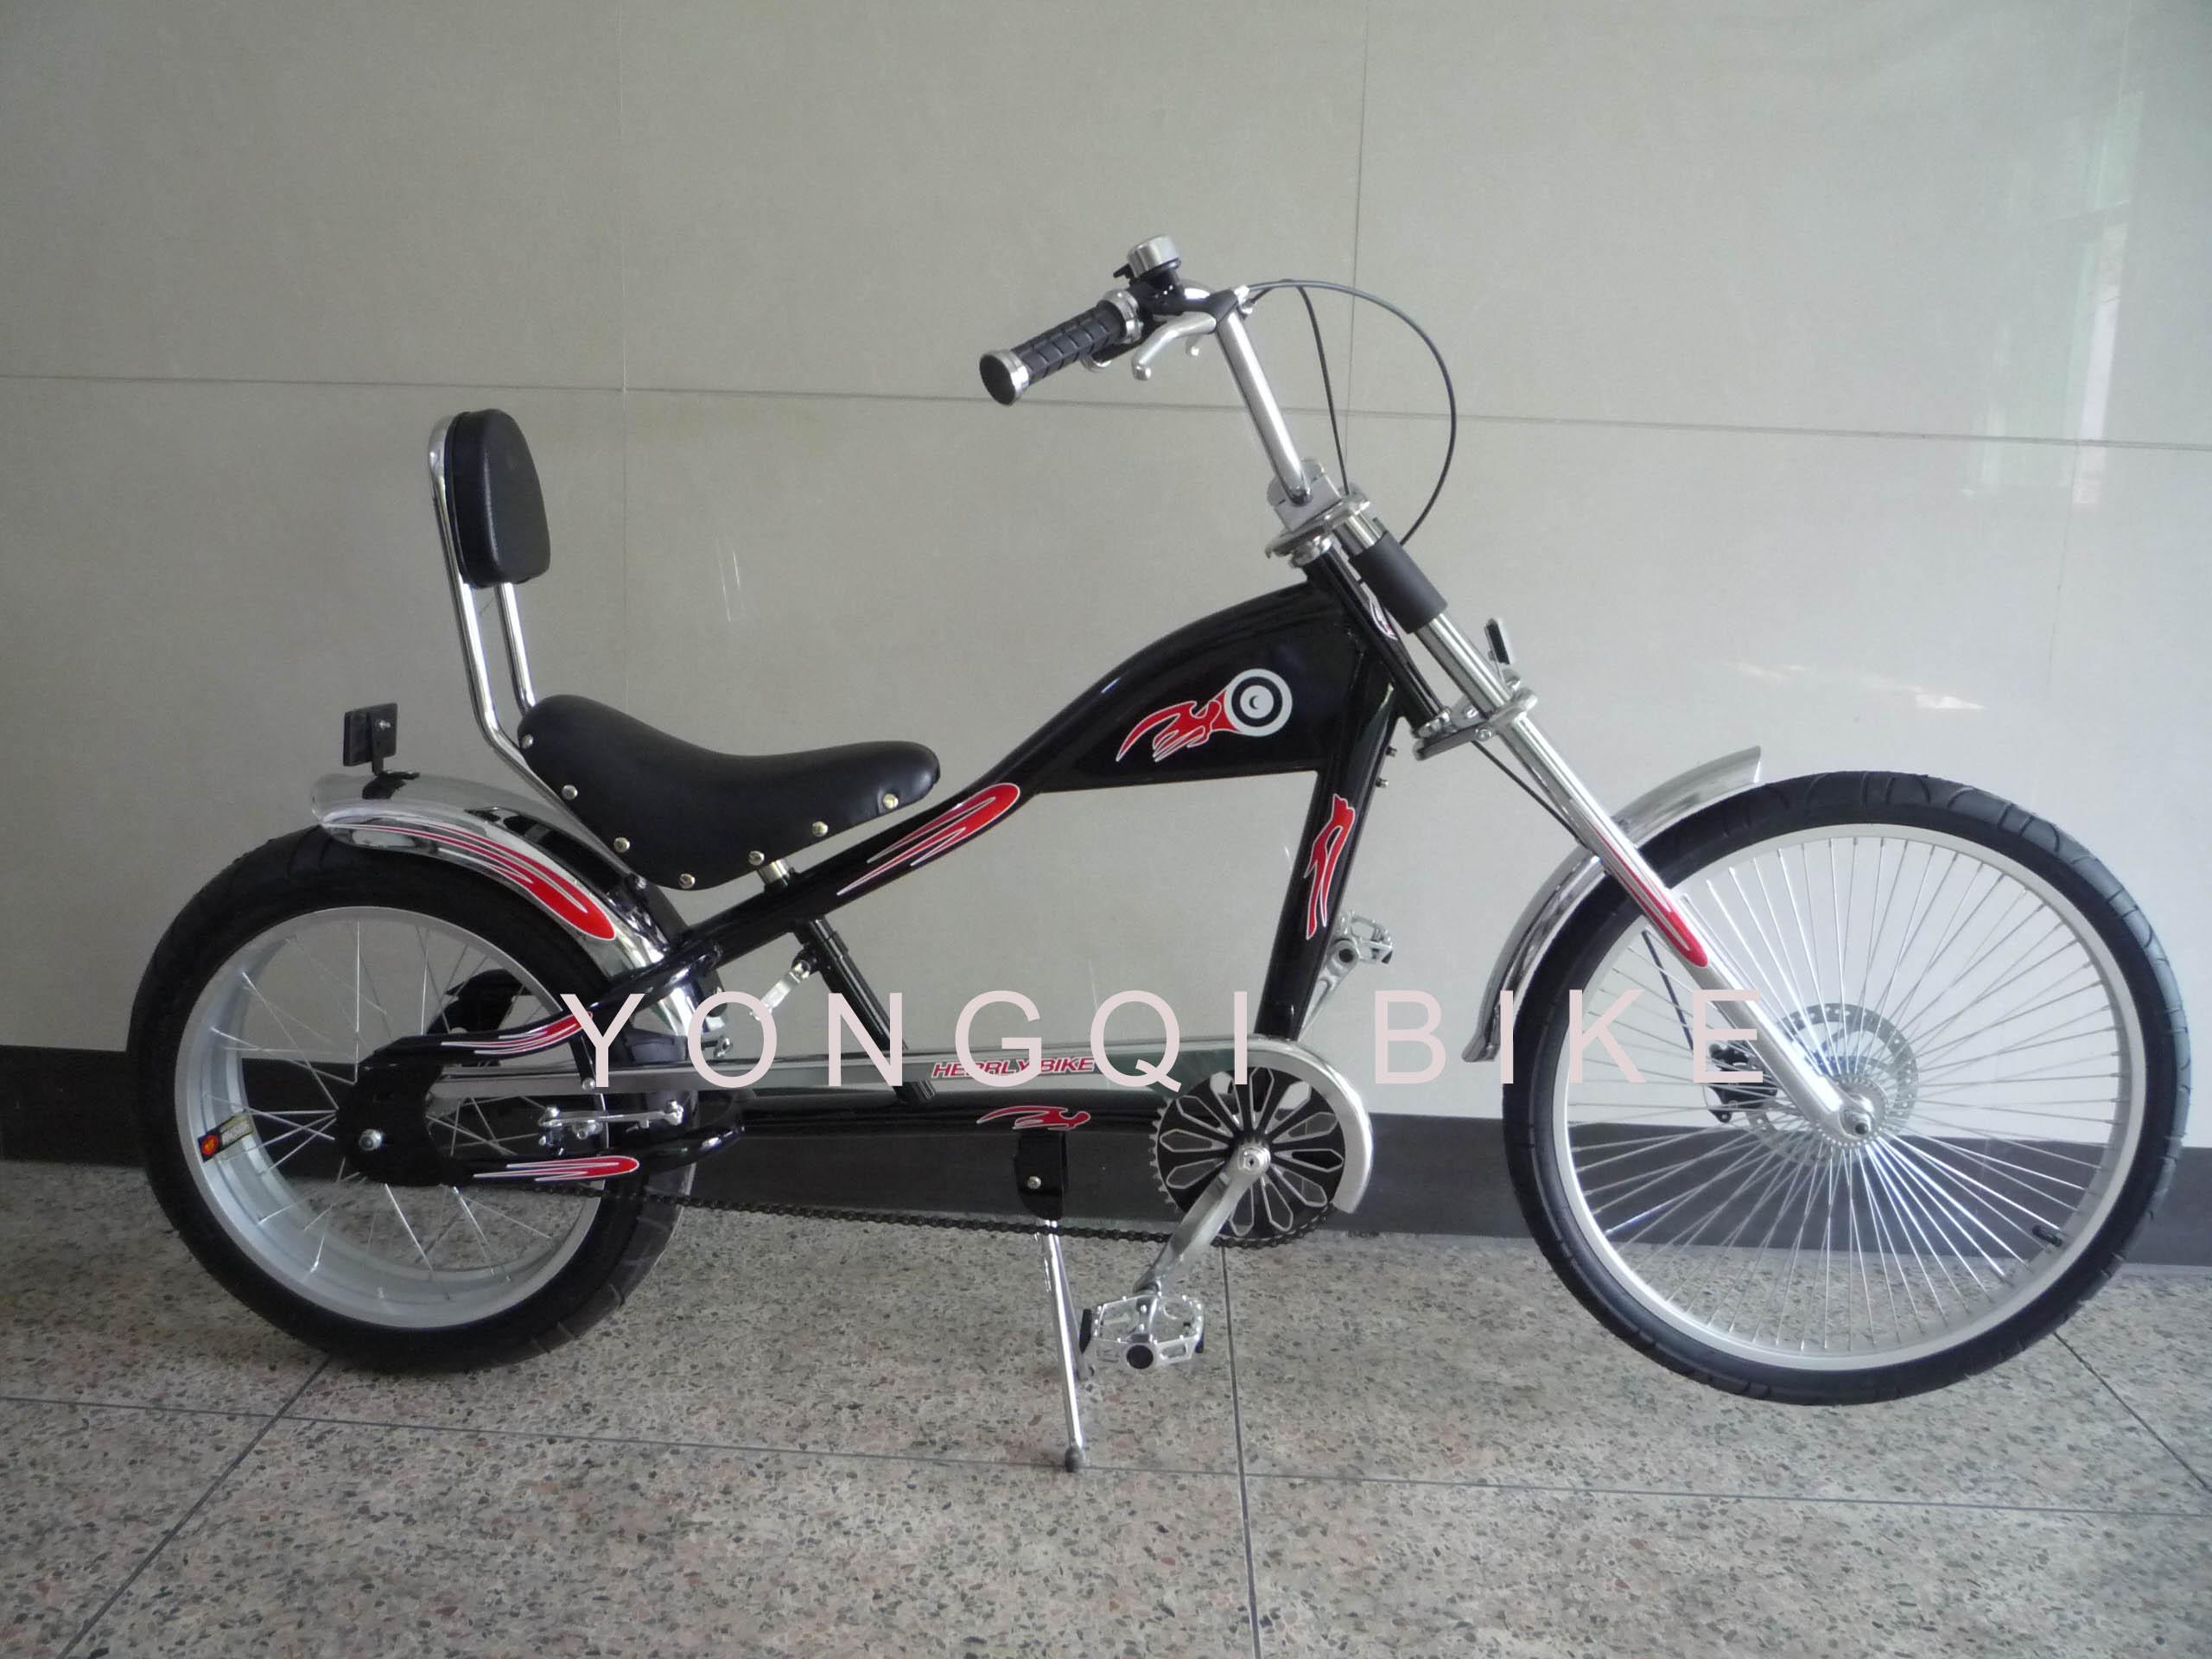 24寸哈雷沙滩自行车哈雷车太子车限9000张券